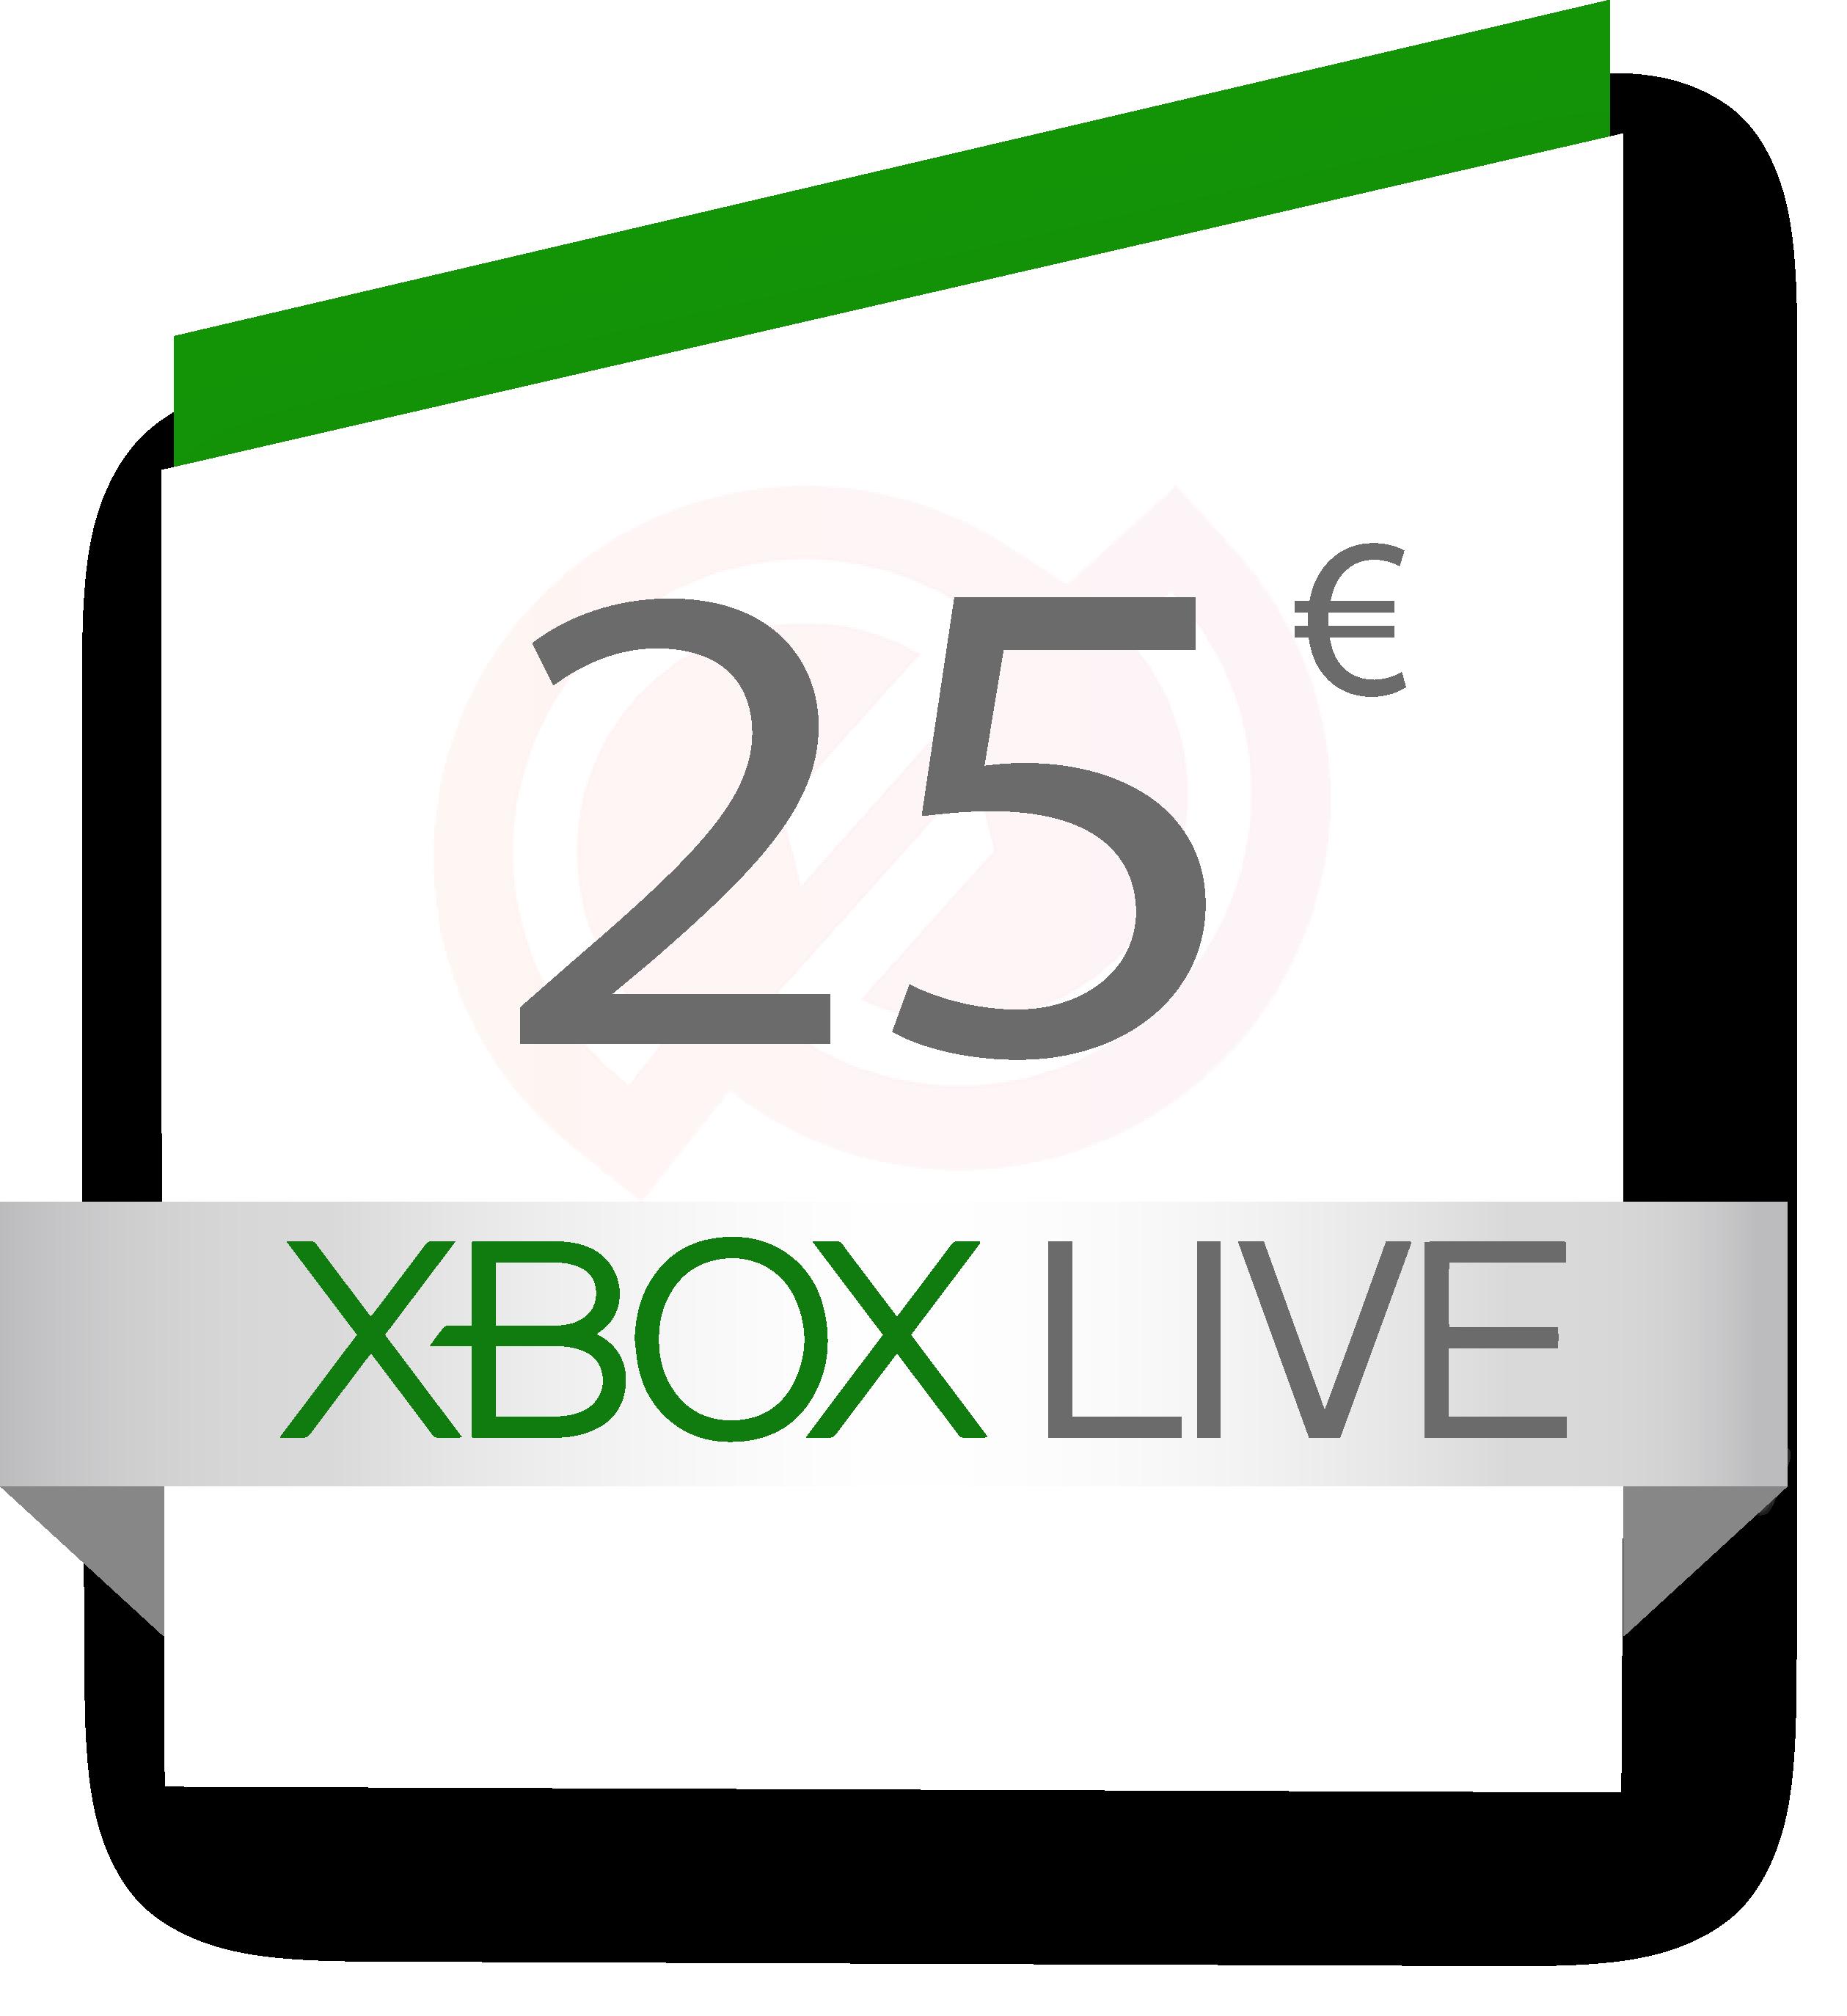 xbox-live-25-euros